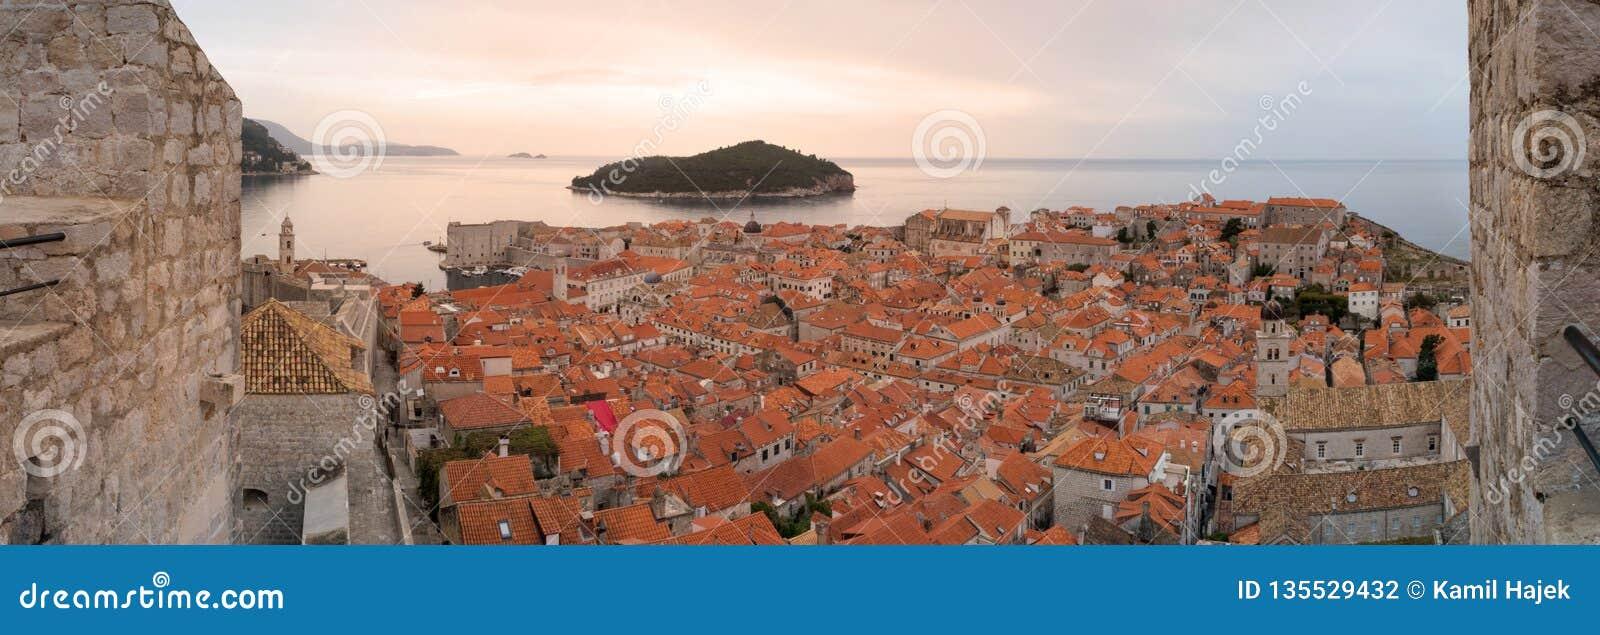 Dubrovnik Oude Stad van Stadsmuren